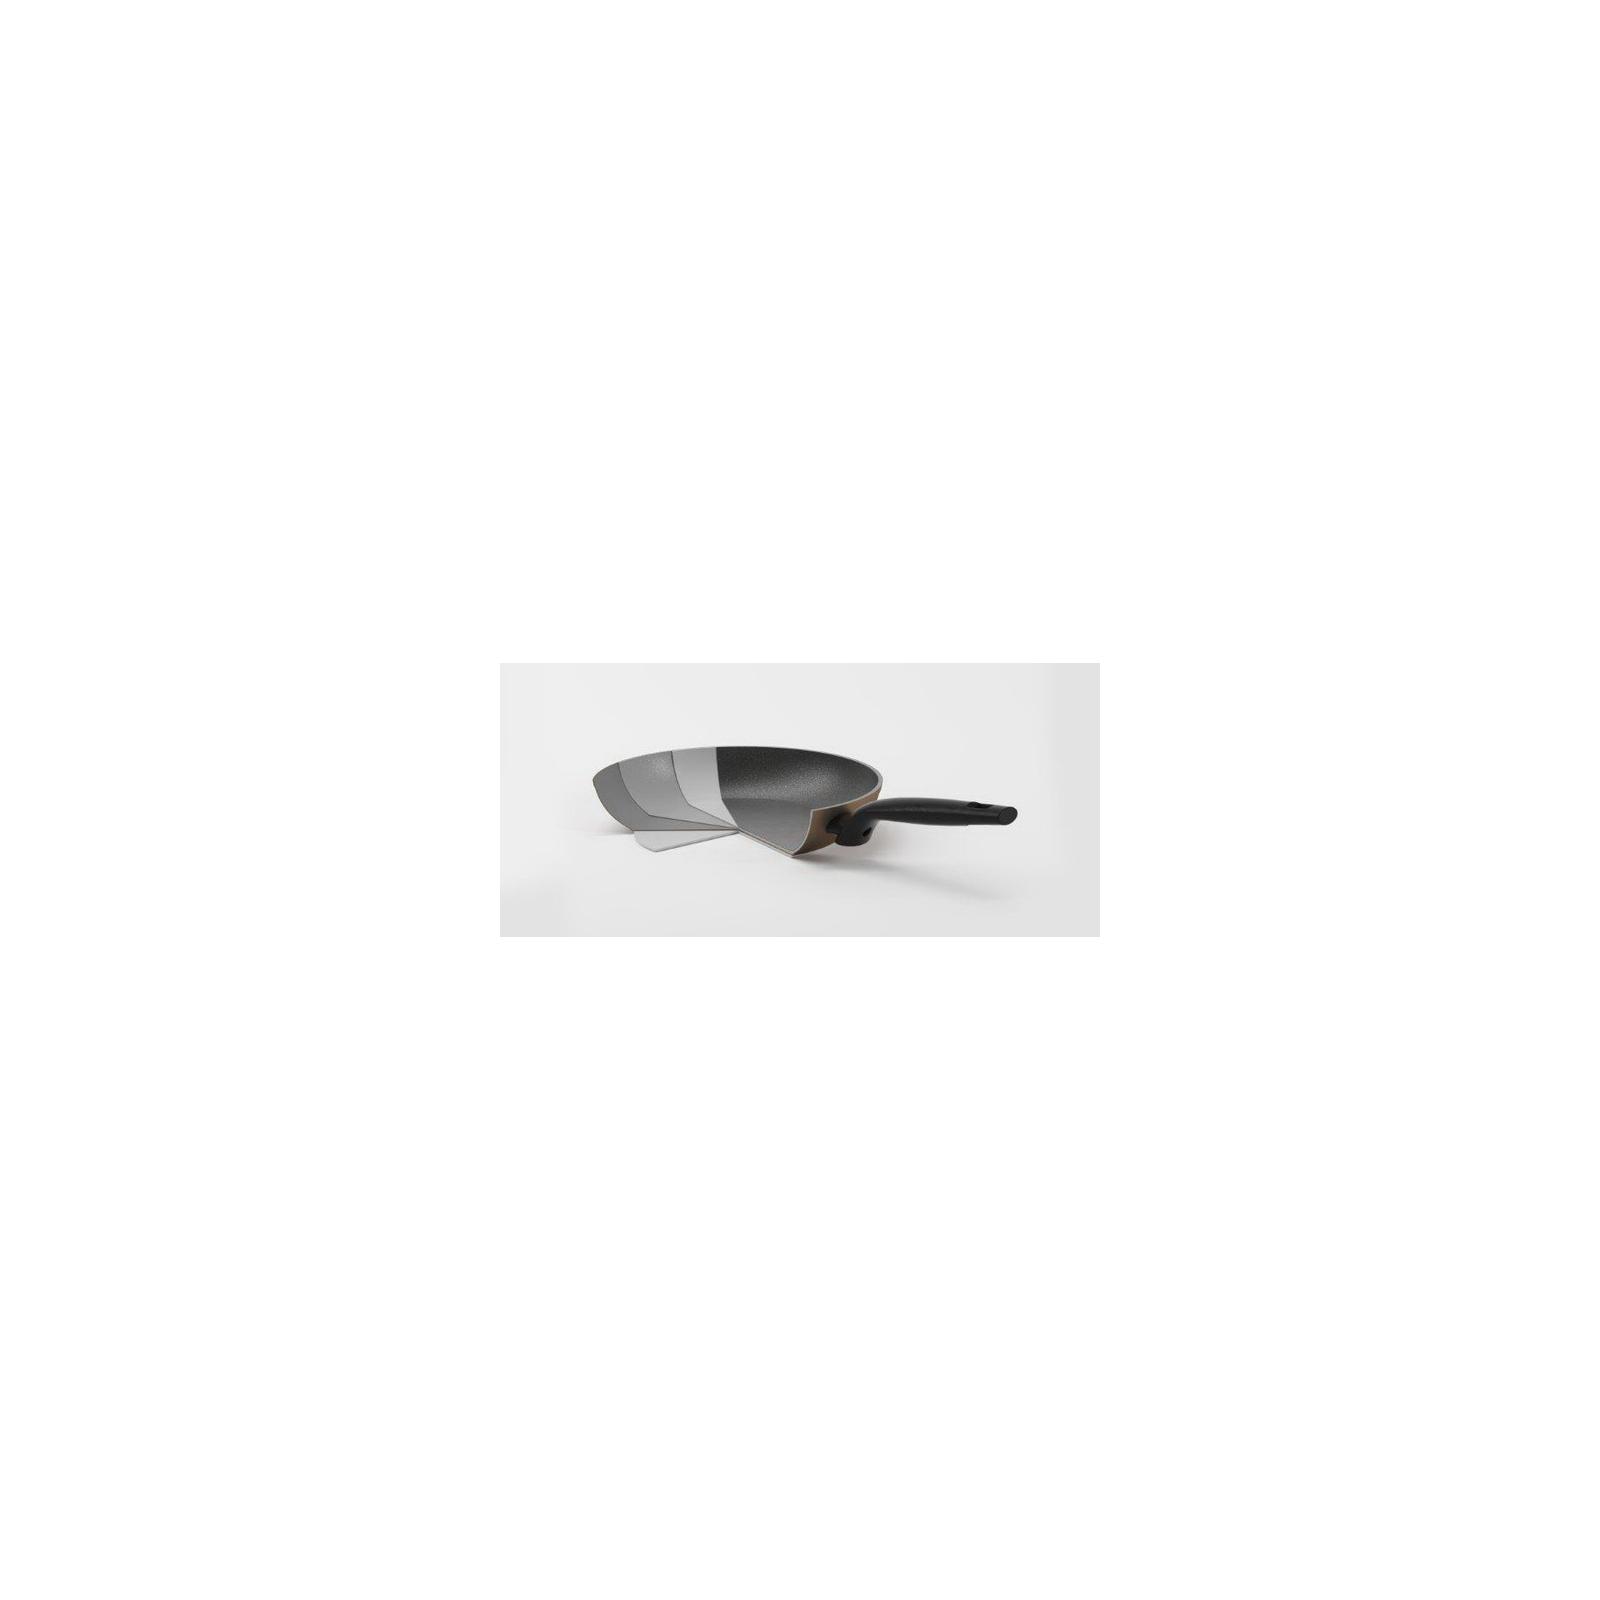 Сковорода TVS Tenace Induction 28 см (DT163283710001) изображение 4